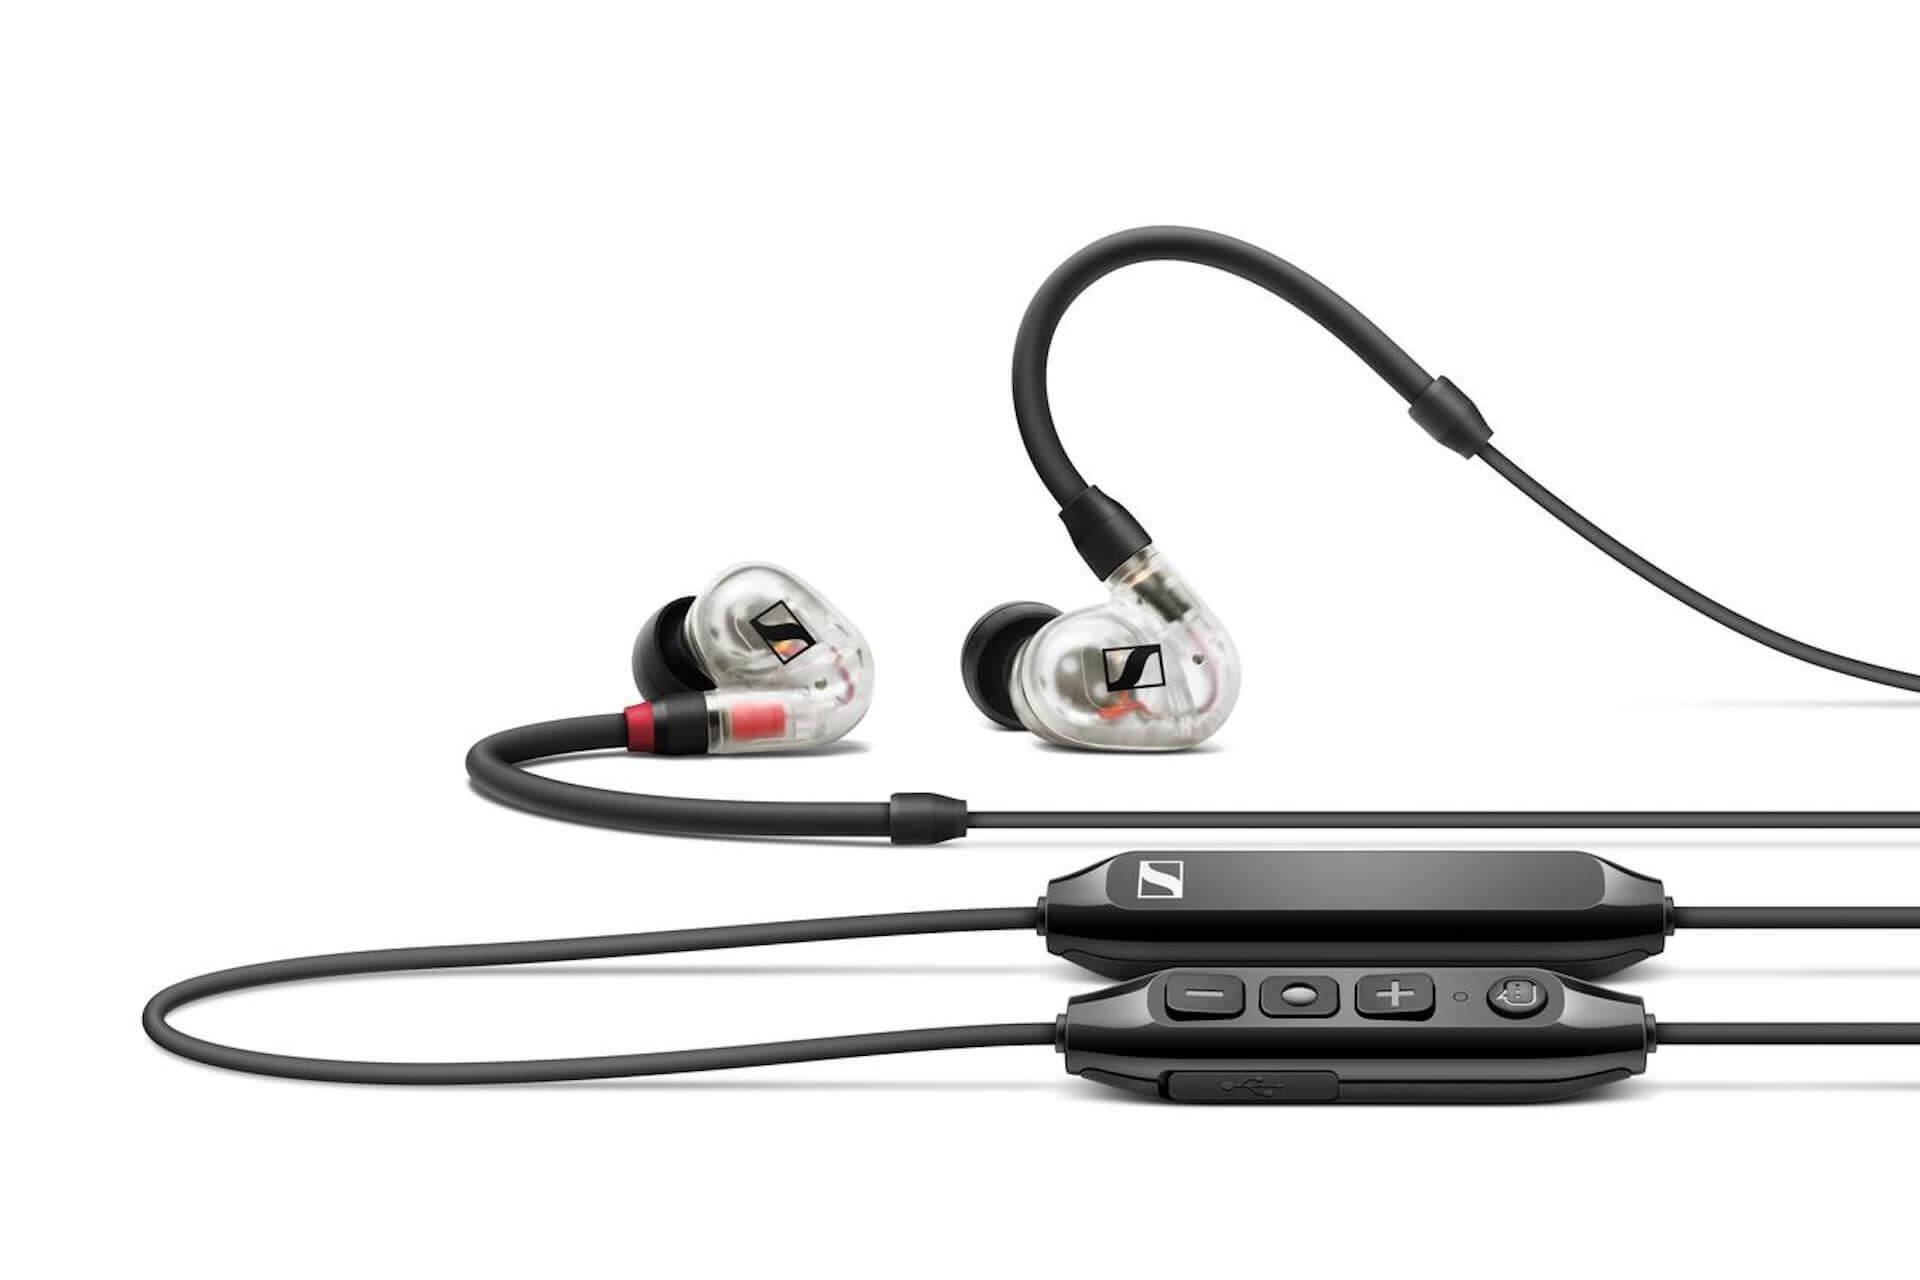 ゼンハイザーからワイヤレス&有線に対応するプロ仕様のモニタリングイヤホン『IE 100 PRO Wireless』が発売決定! tech210930_sennheiser_6